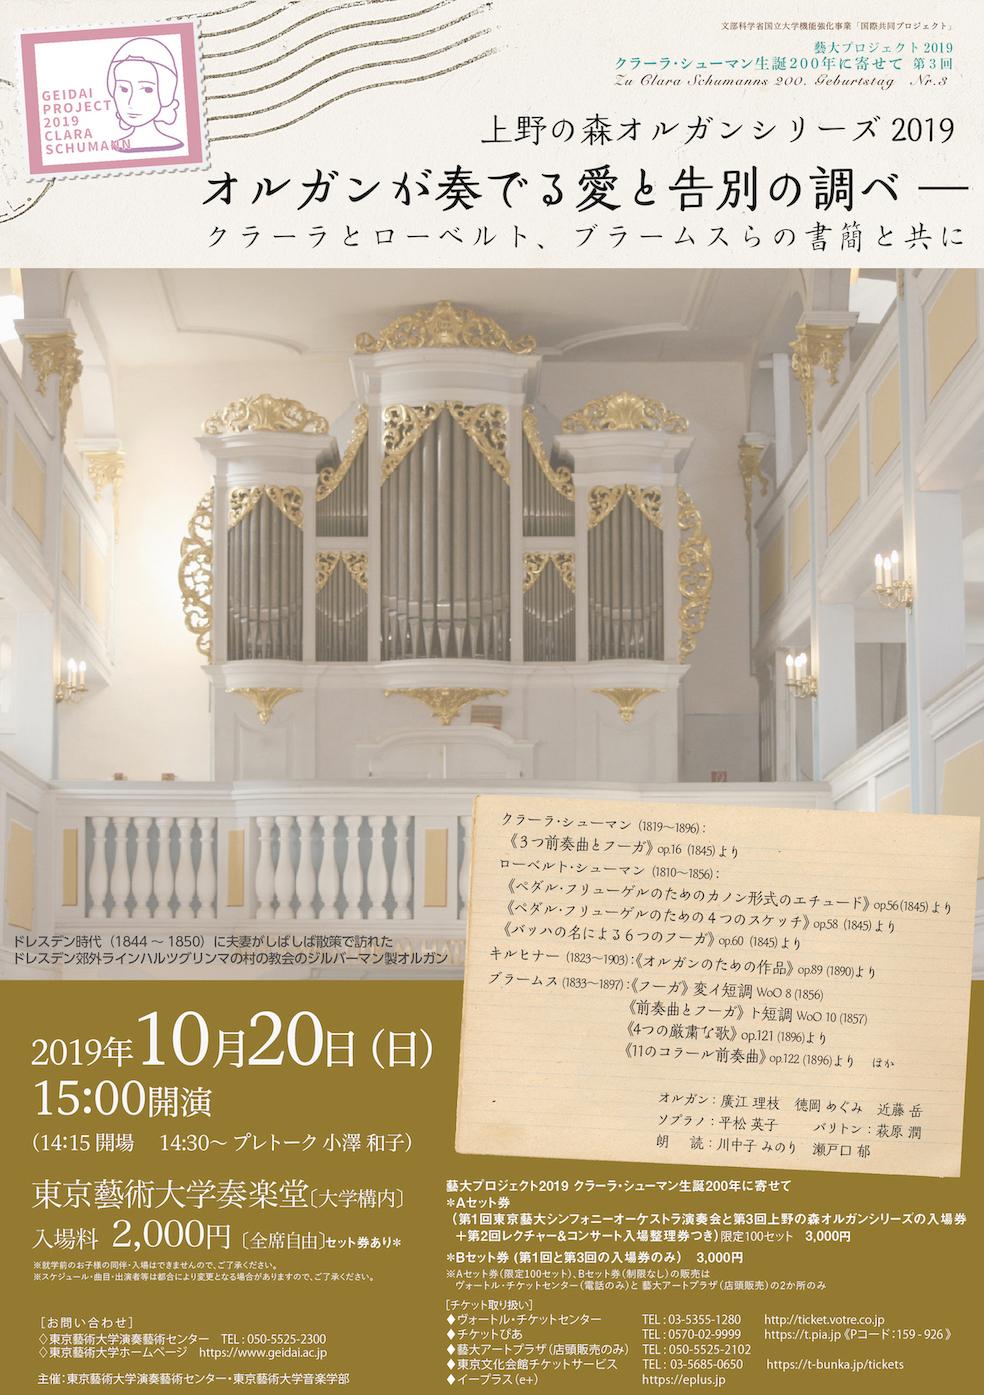 藝大プロジェクト第3回+上野の森オルガンシリーズ2019 オルガンが奏でる愛と告別の調べ ― クラーラとローベルト、ブラームスらの書簡と共に